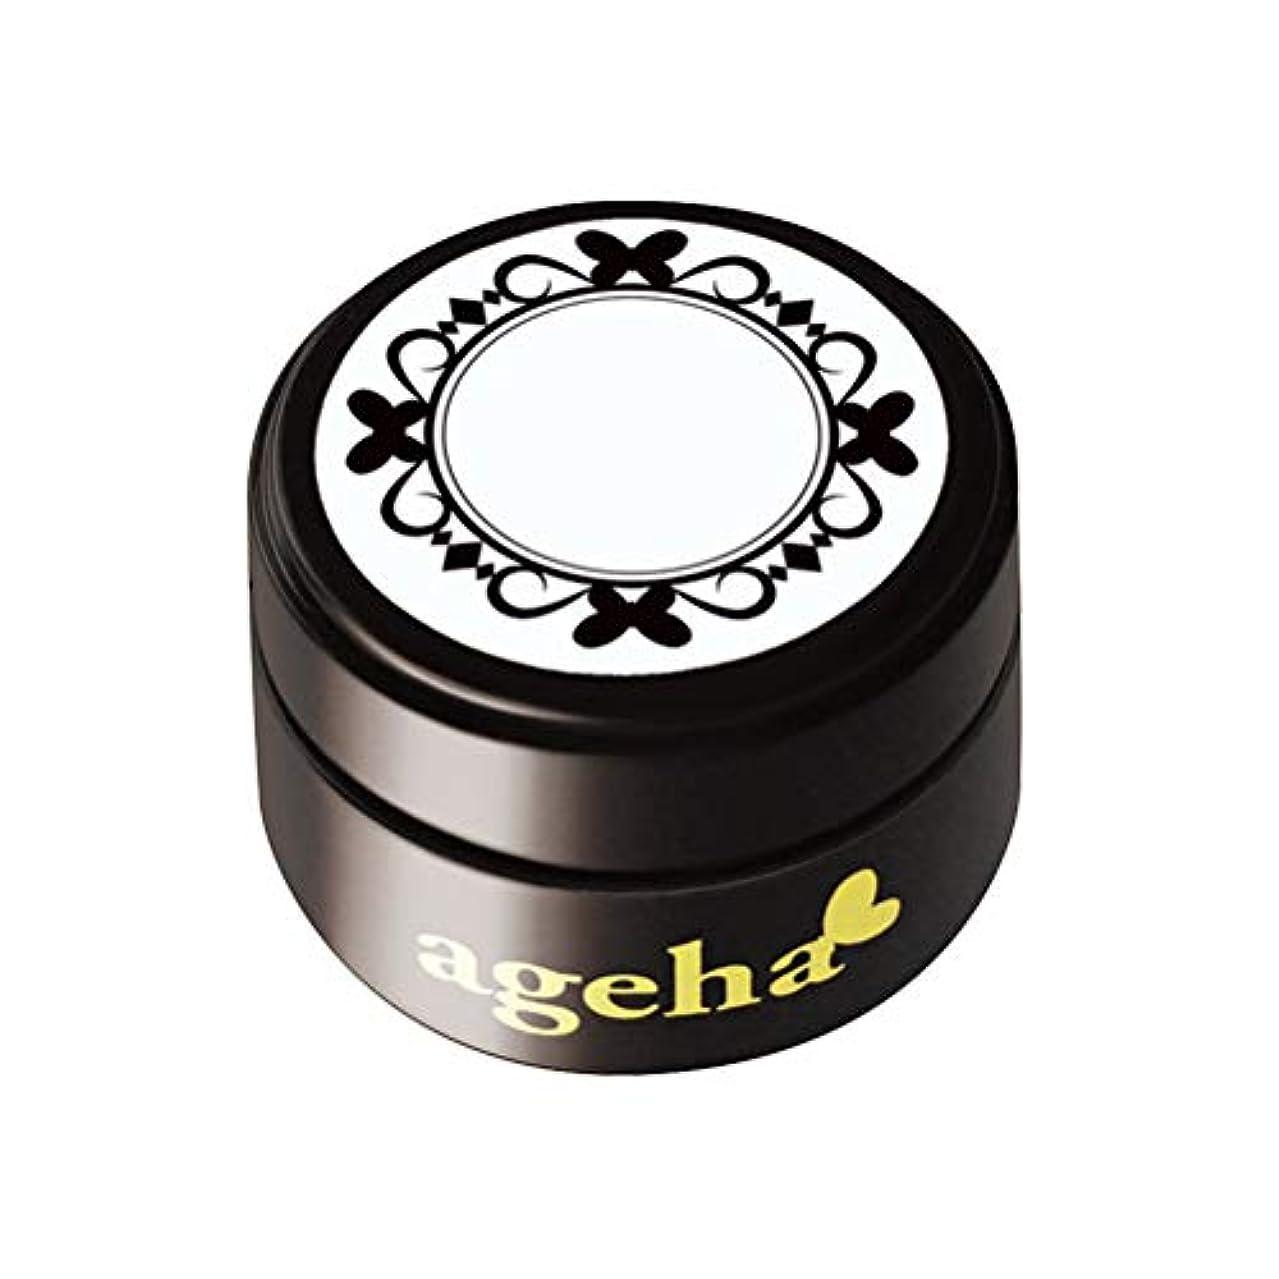 ただやるテロリスト出来事agehagel(アゲハジェル) ageha コスメカラー 136 ピーチG?MIX 2.7g UV/LED対応 ジェルネイル